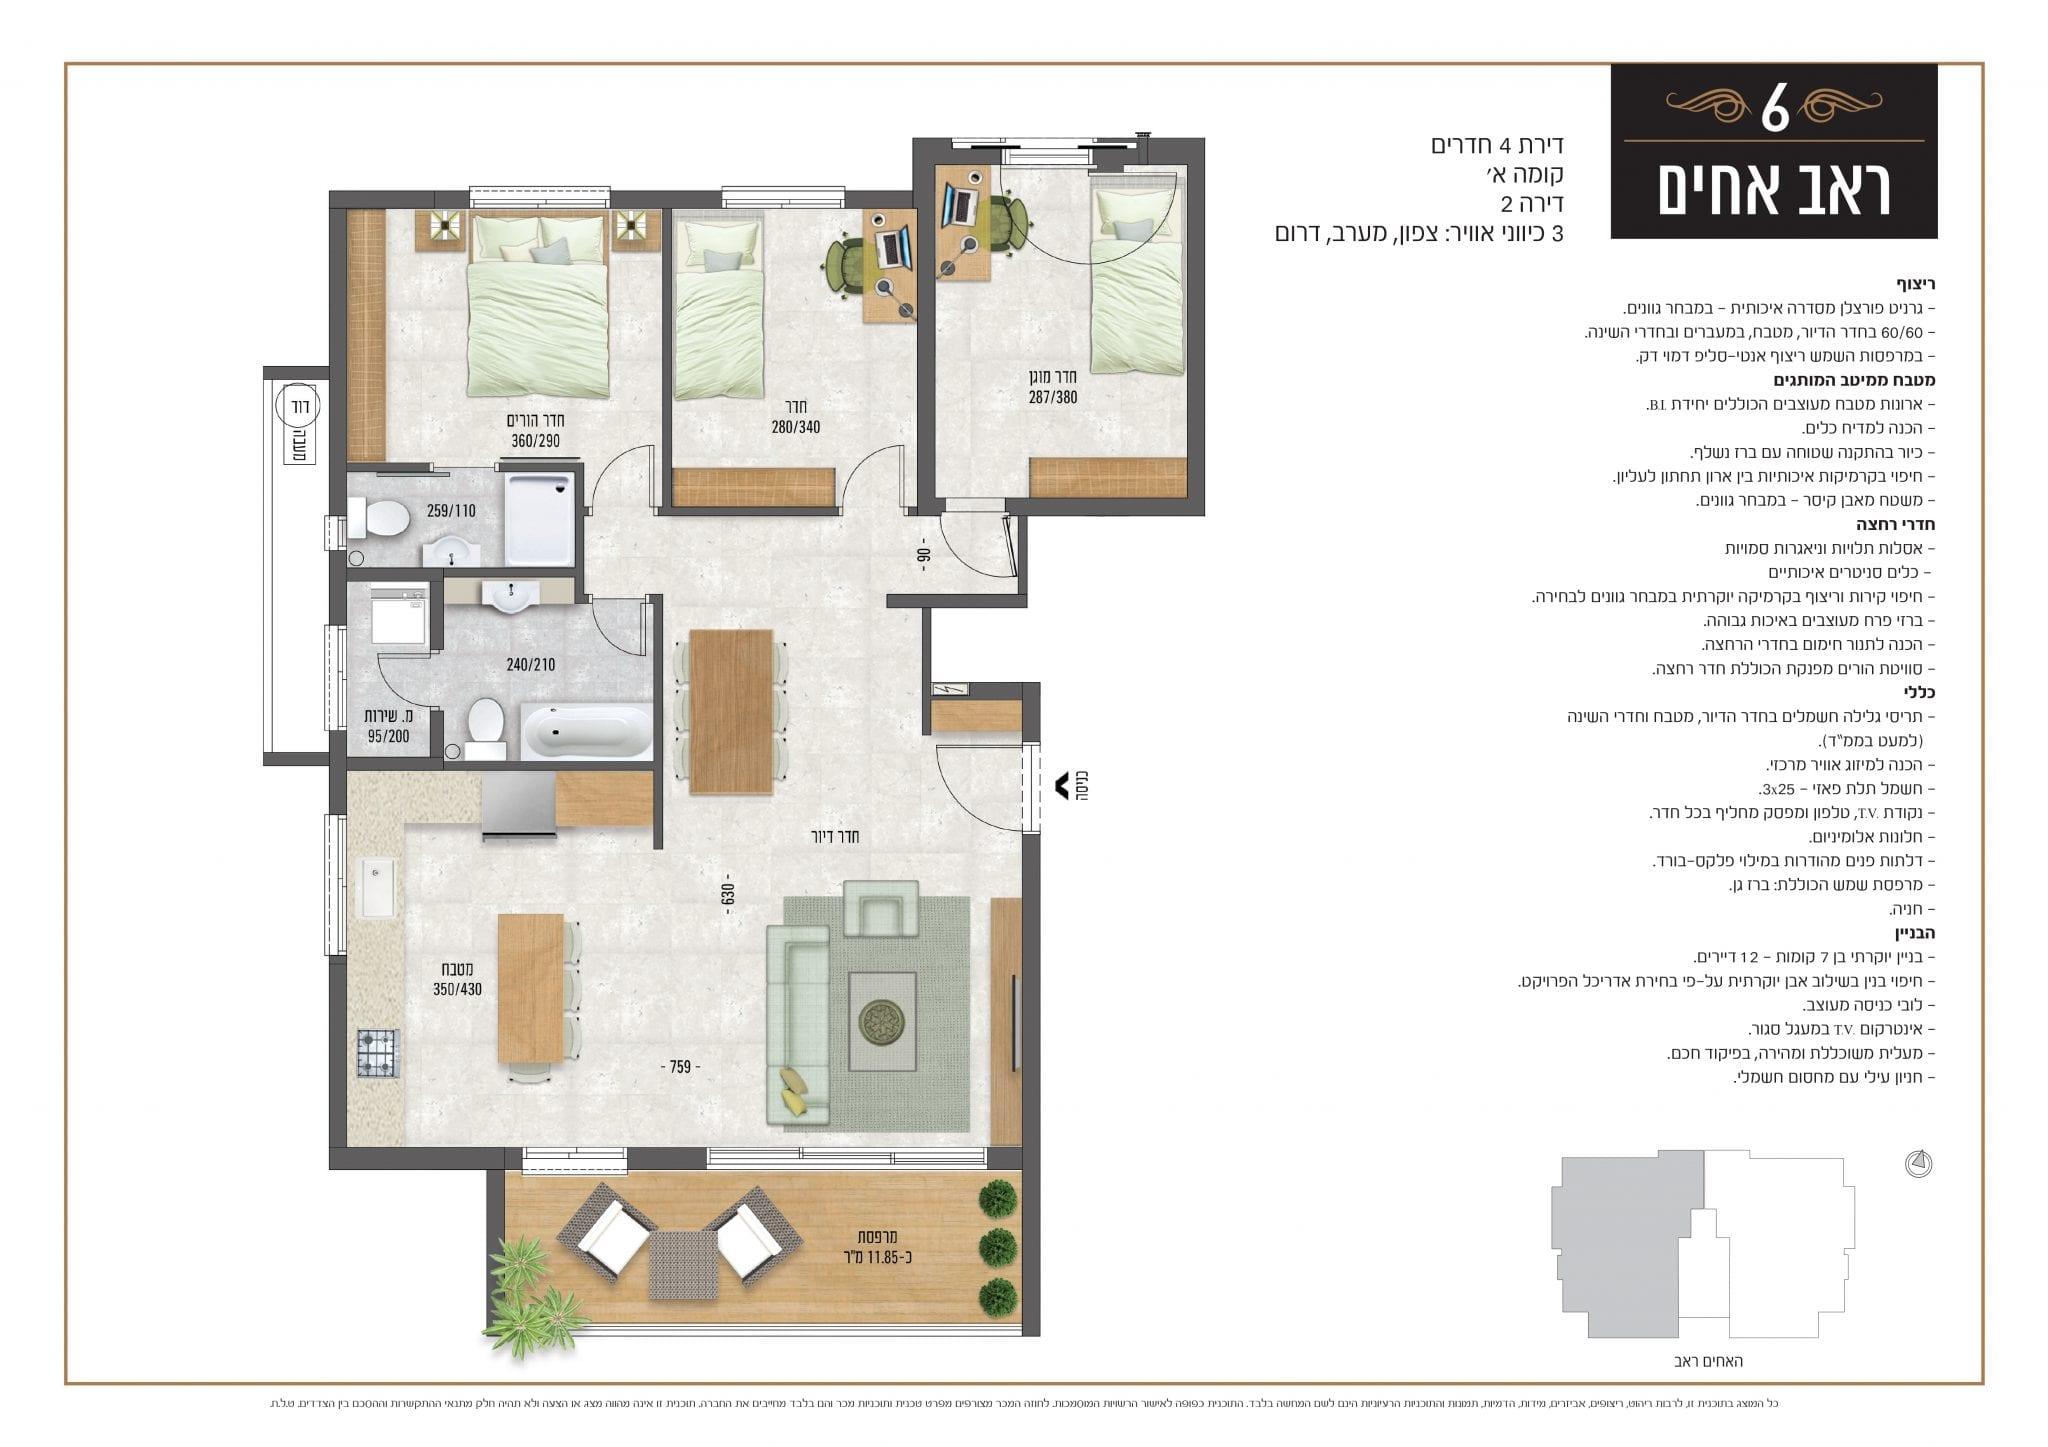 דירת 4 חדרים, קומה 1 - מספר 2